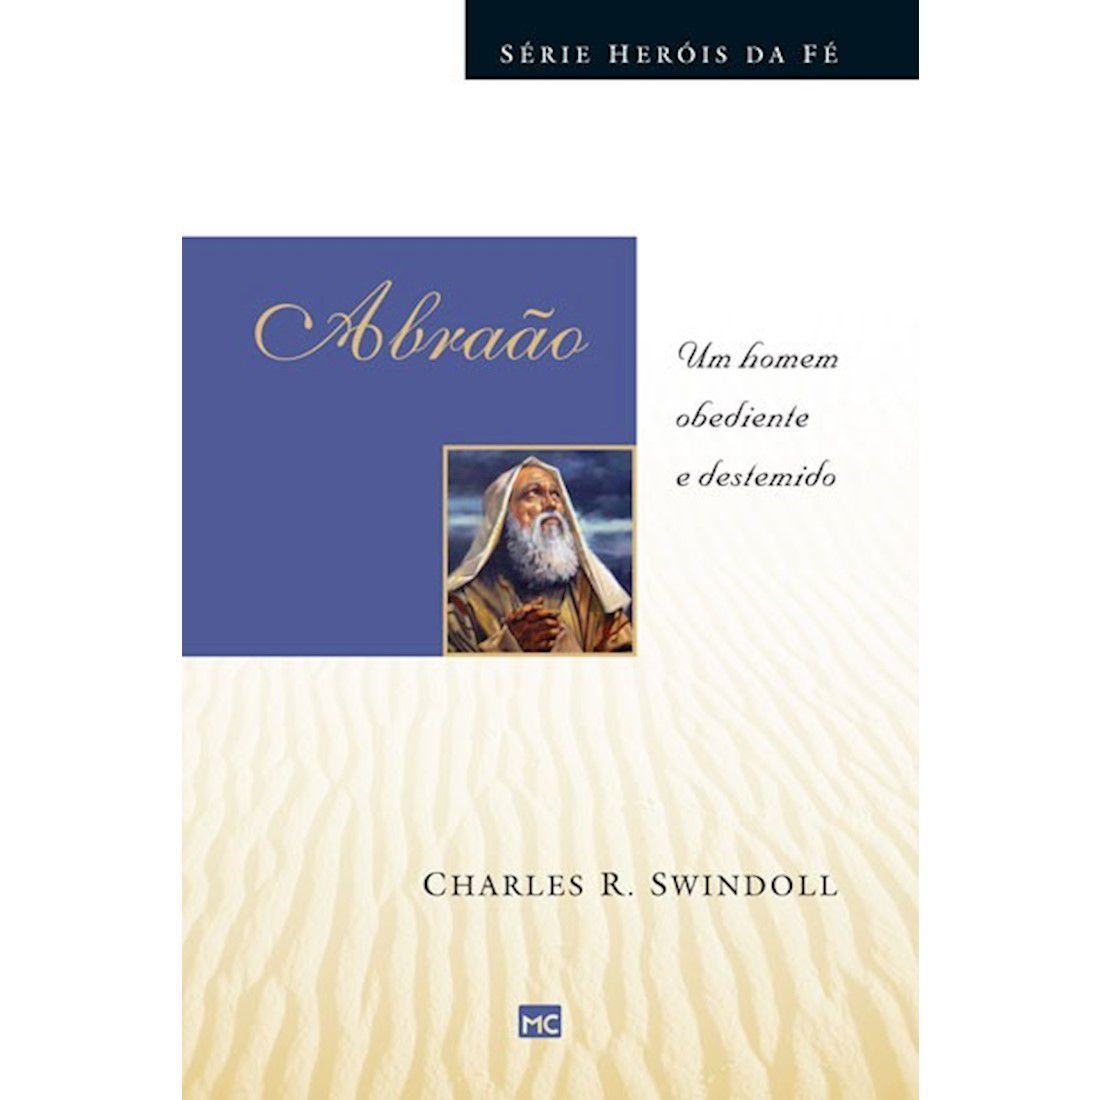 Livro Abraão - Série Heróis da Fé - Produto Reembalado